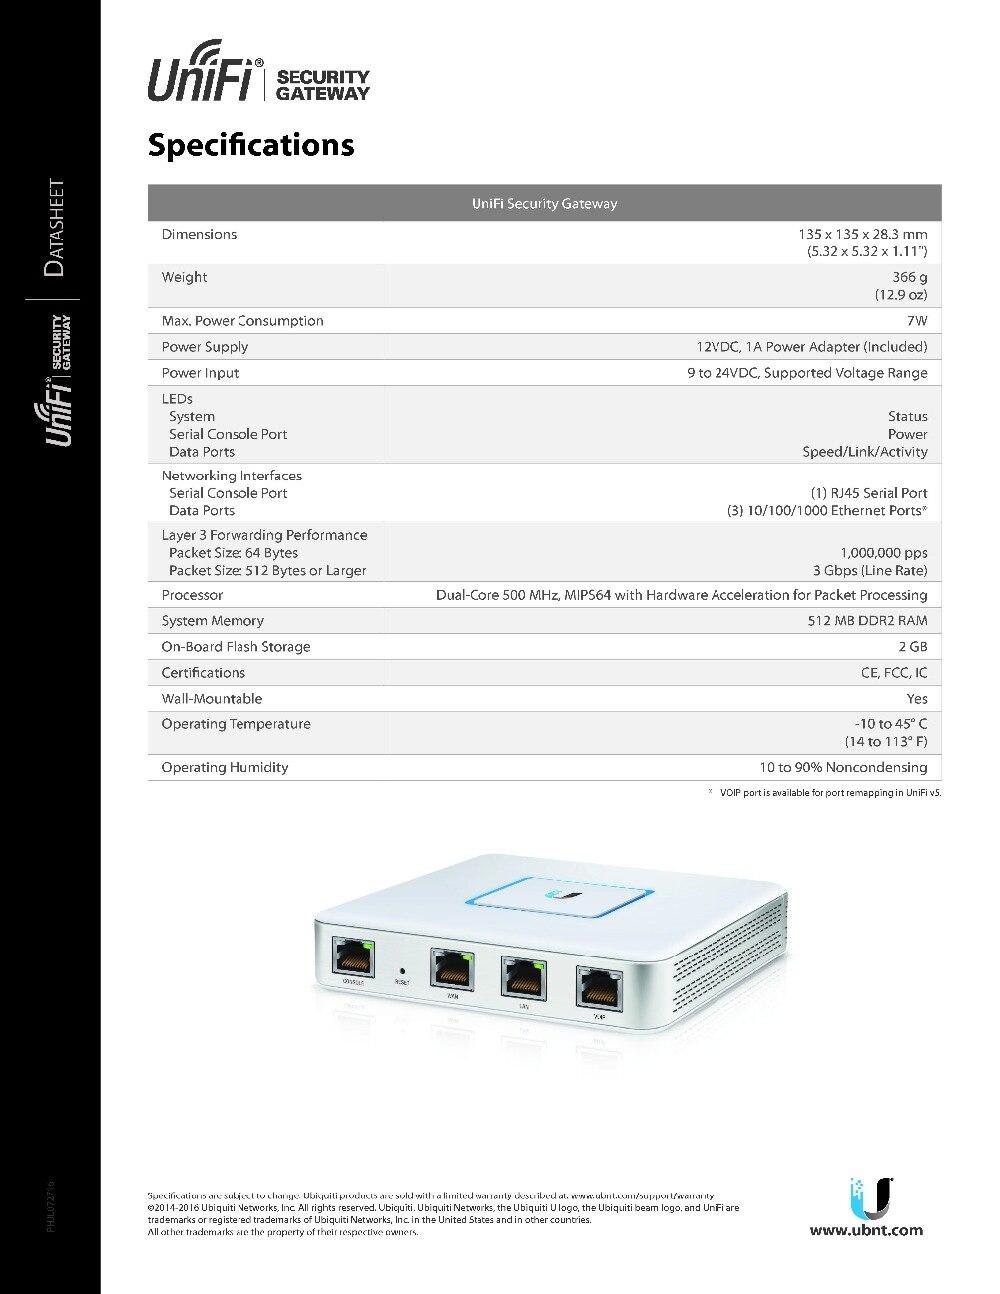 UniFi_Security_Gateway_DS_??_6